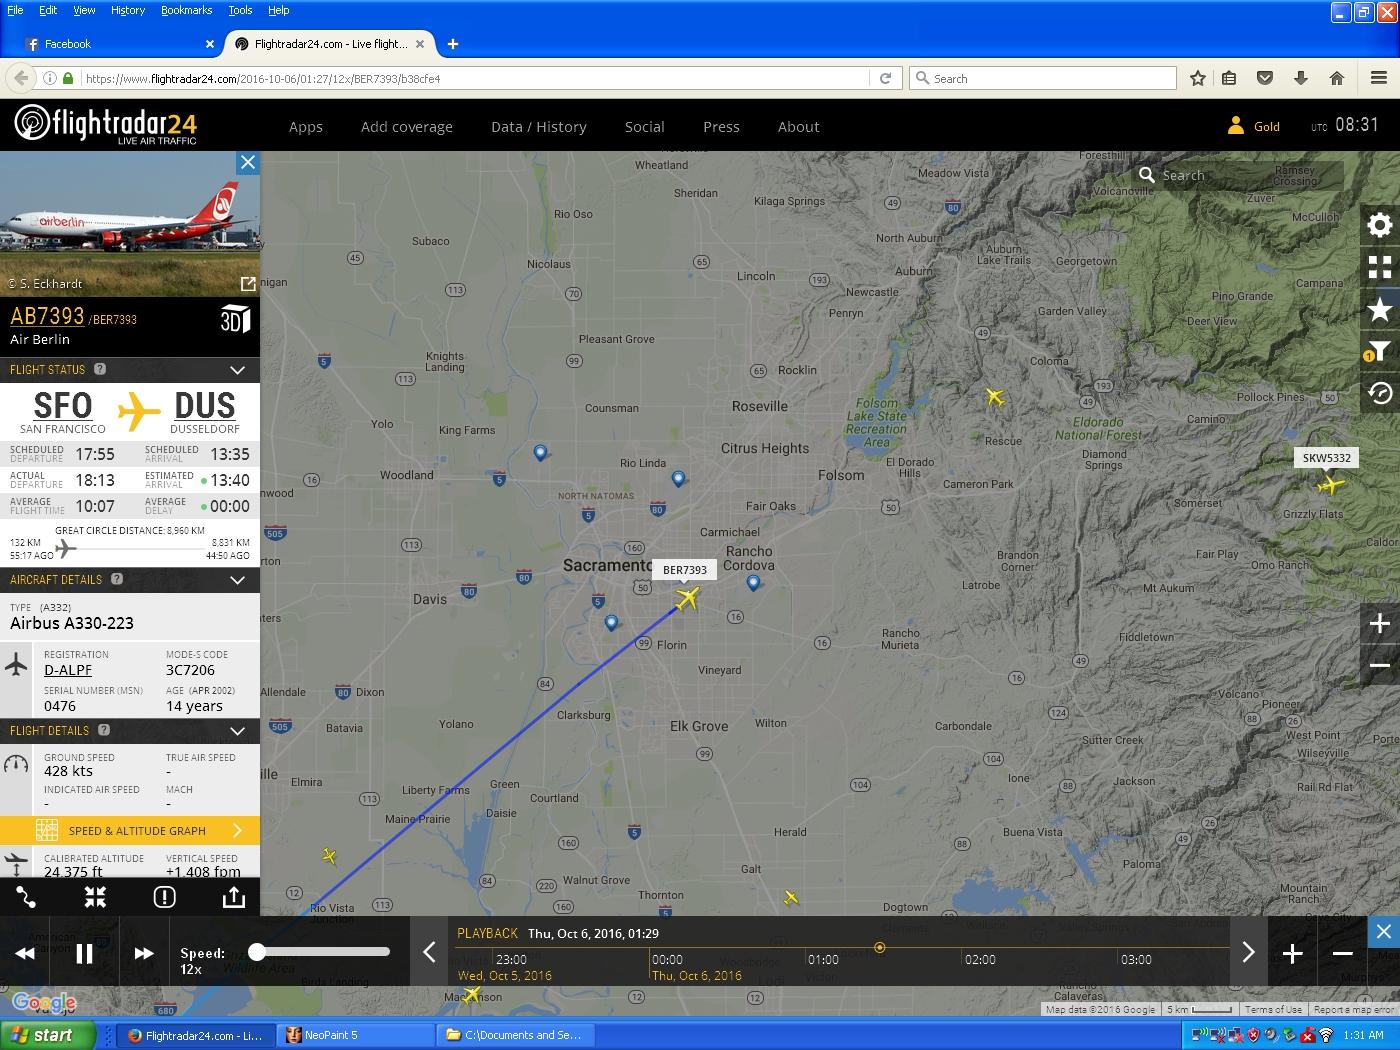 16-10-05 trail-37 1829 not BER7393 headed NE.jpg